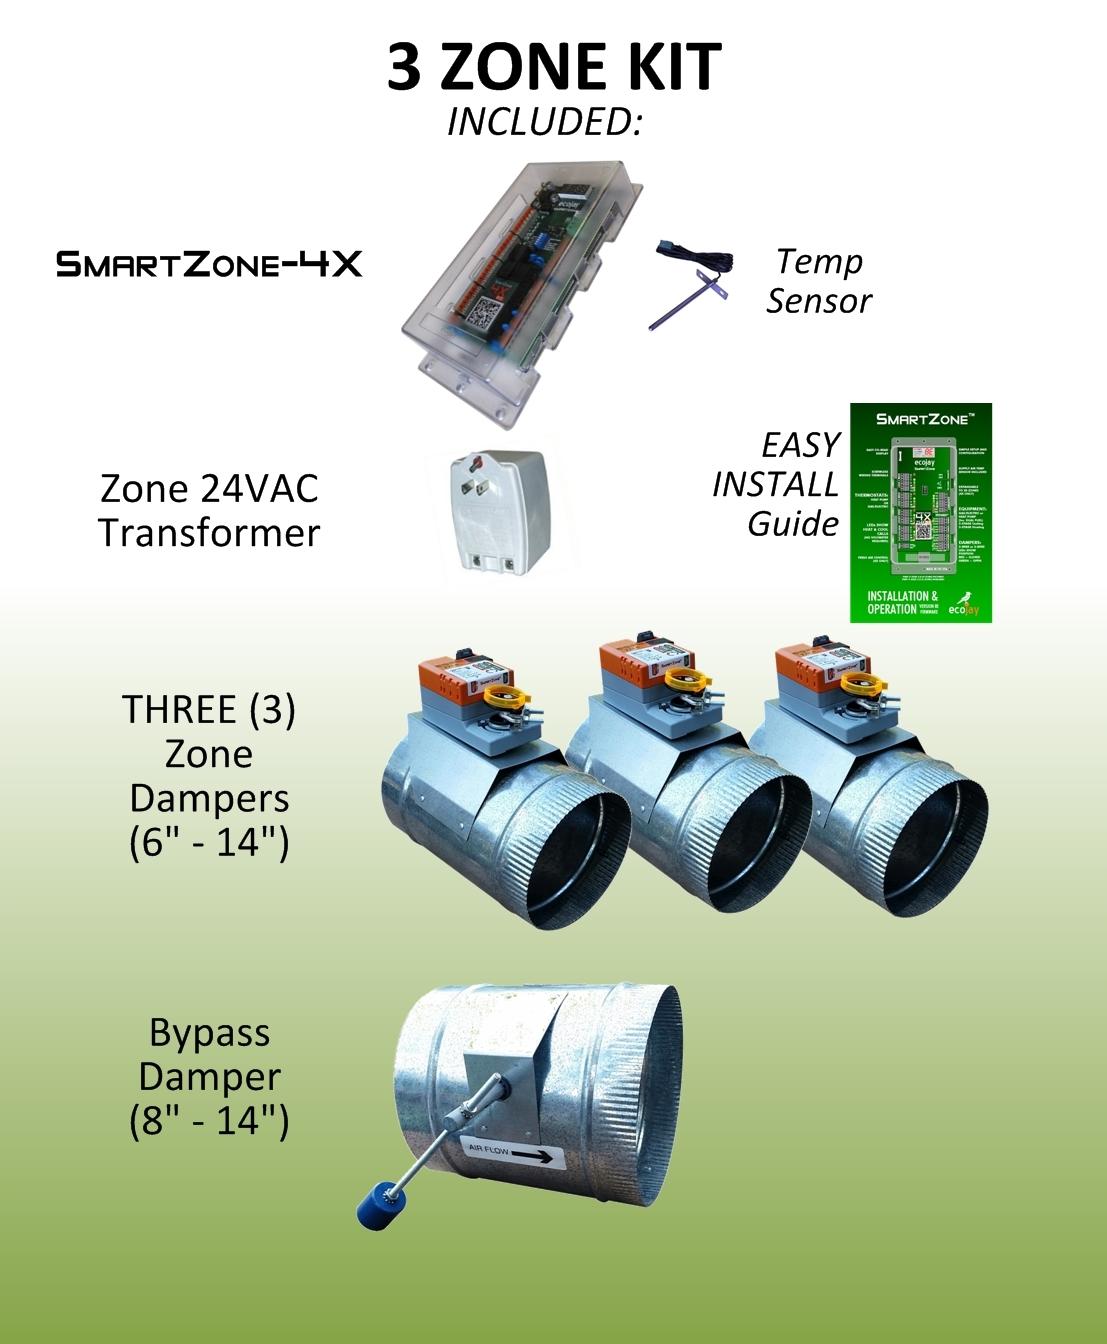 Ziemlich 3 Zonen Ventilverdrahtung Ideen - Der Schaltplan - greigo.com